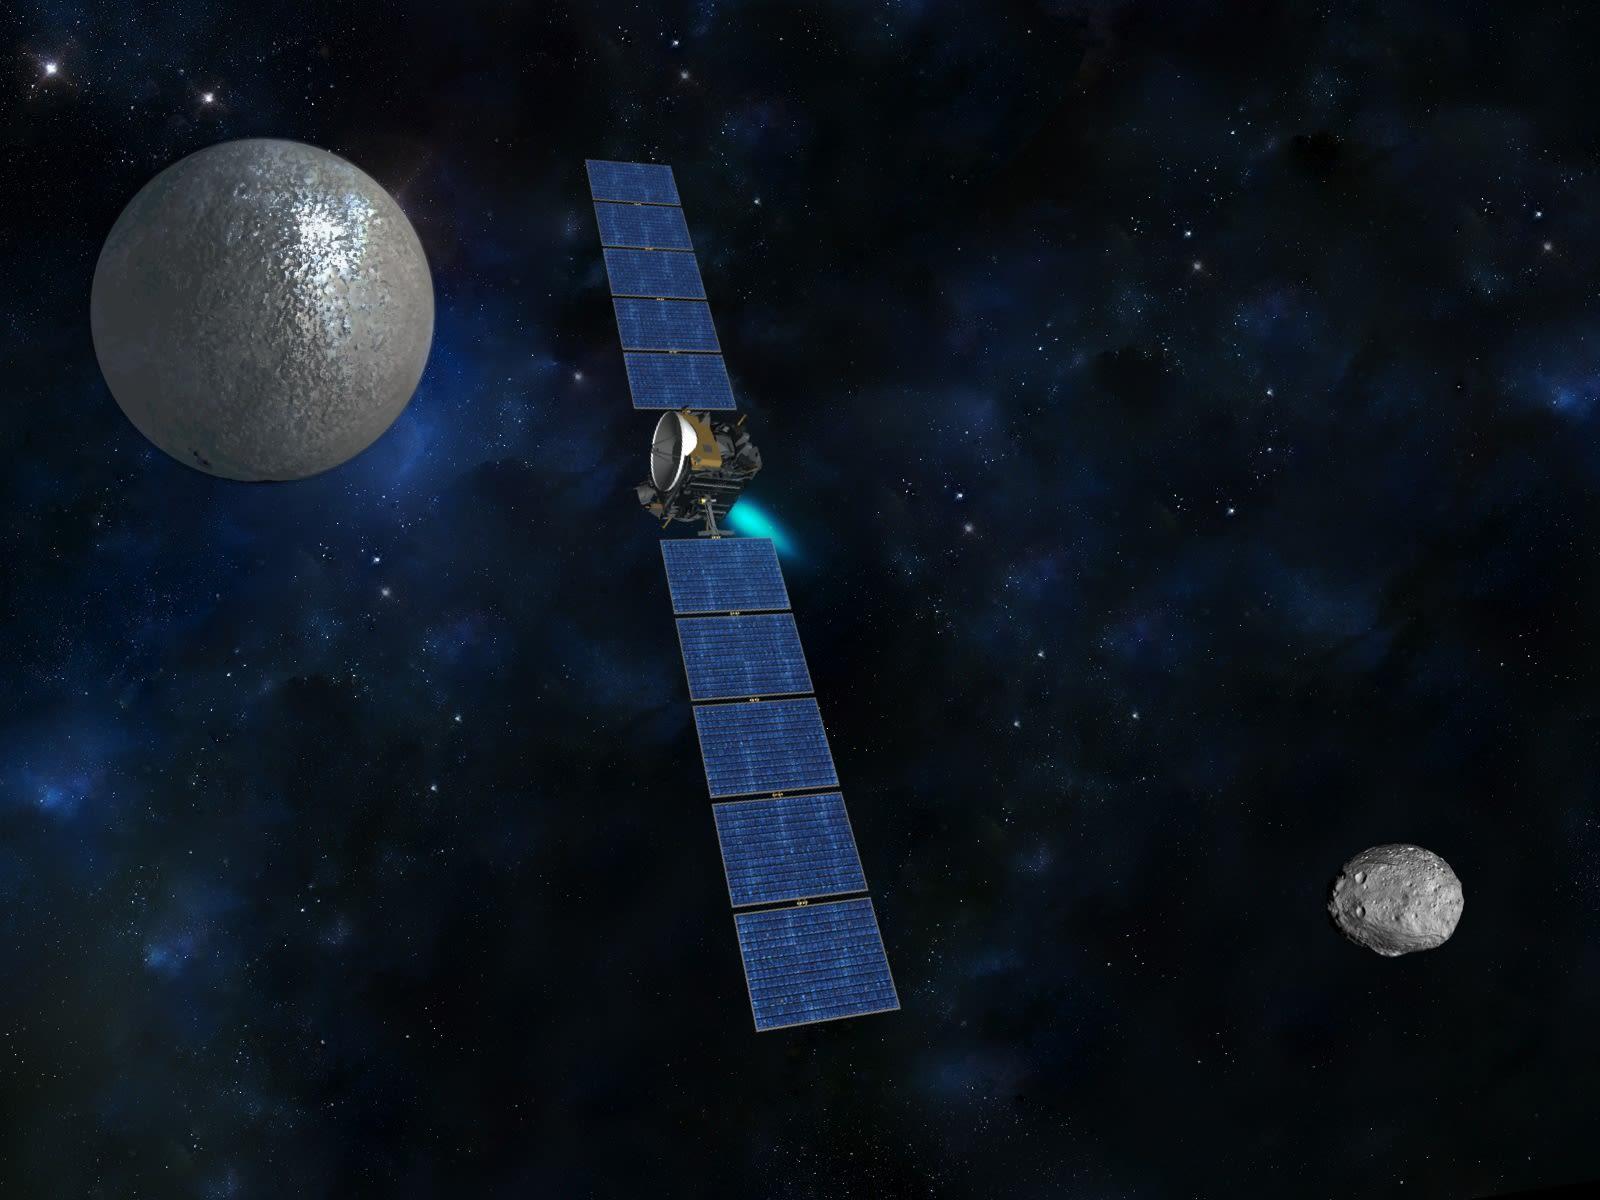 """探査機""""ドーン""""、準惑星ケレスに到着! - 宇宙のはなしと、ときどきツーリング ブログ ログイン"""